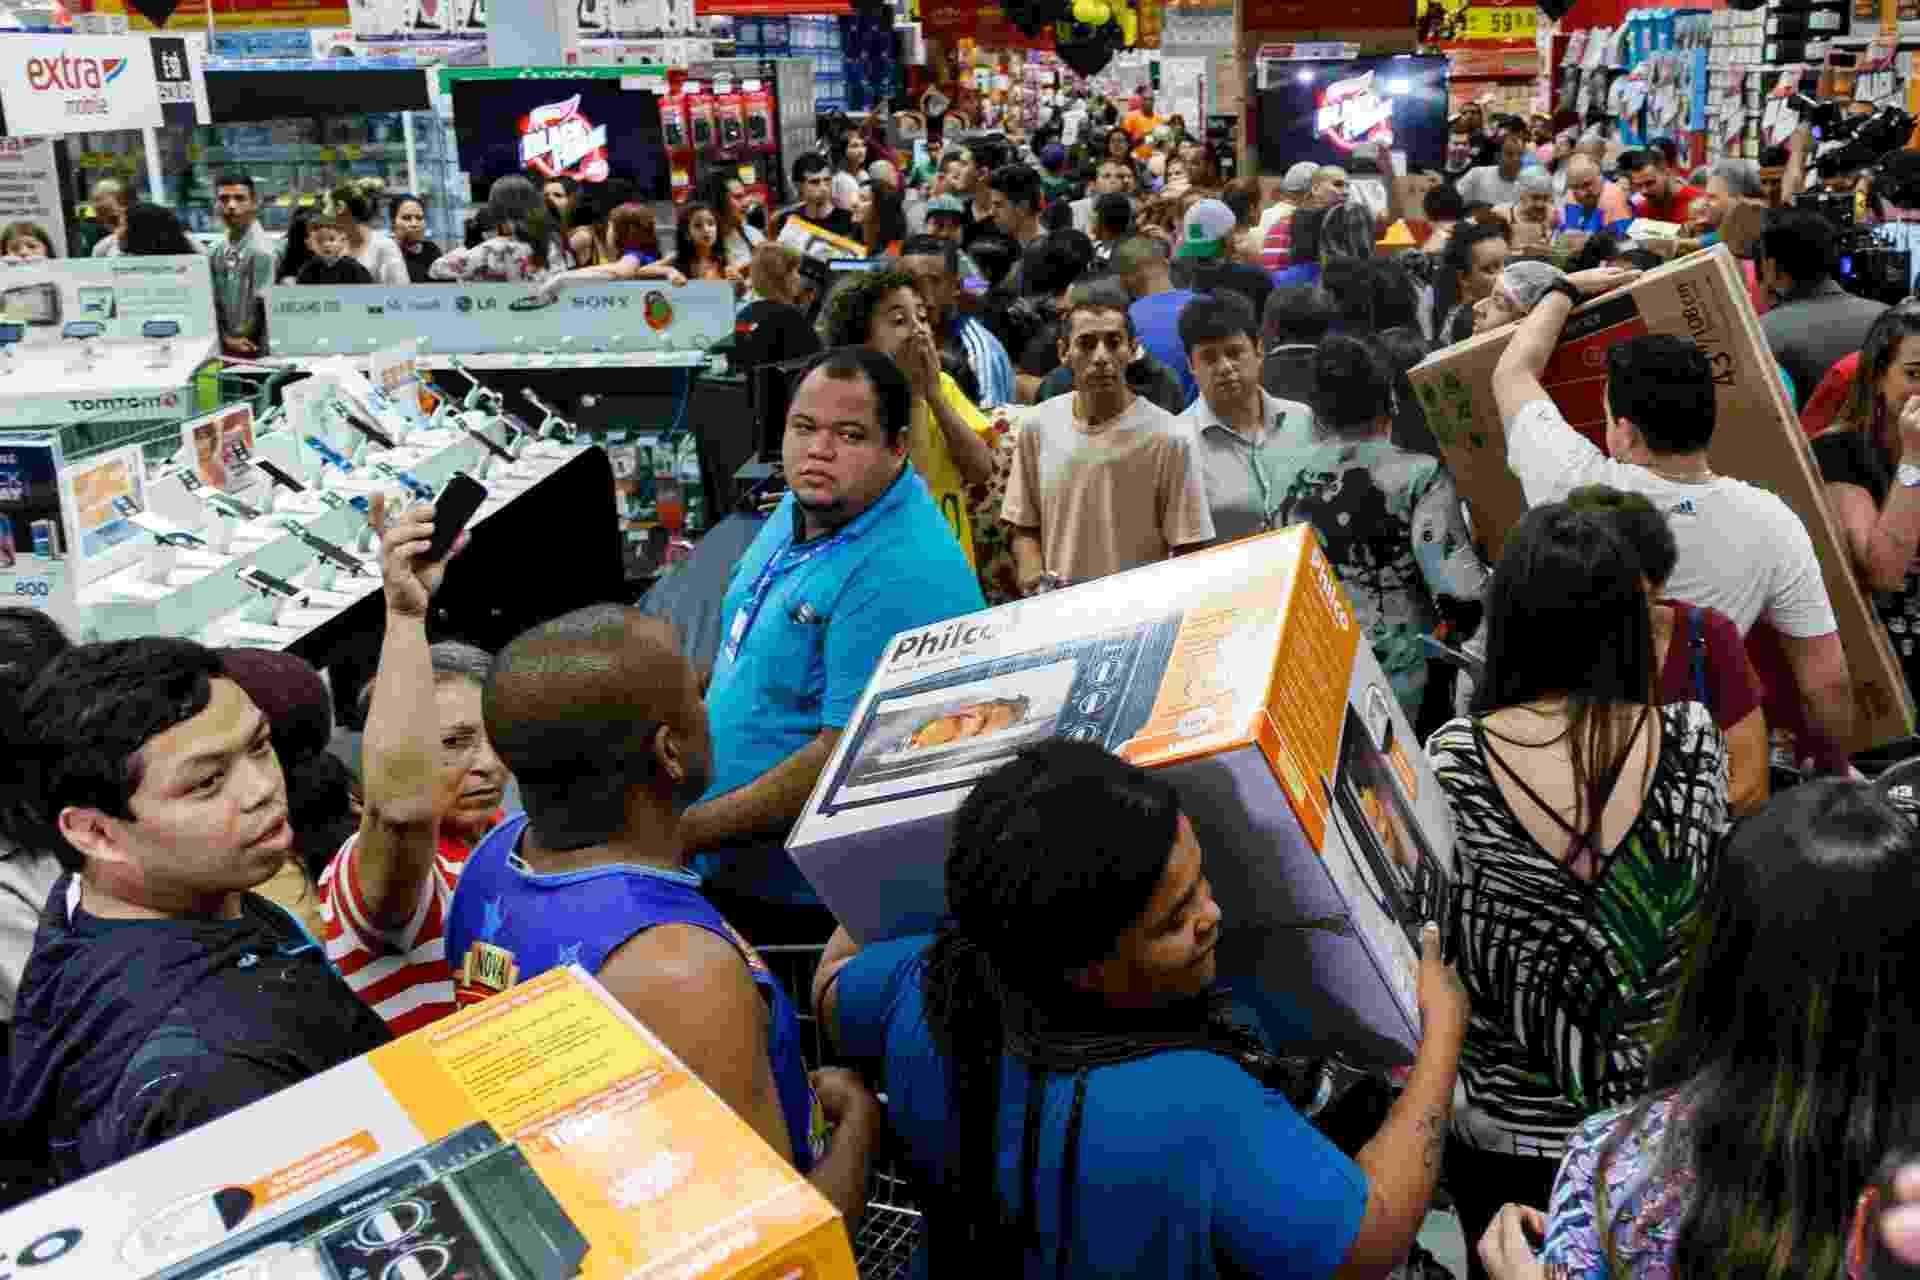 24.nov.2016 - Promoções da Black Friday começaram a atrair clientes antes mesmo da sexta-feira. Consumidores lotaram um supermercado na zona sul de São Paulo na noite de quinta-feira (24) em busca de descontos - Marcello Fim/FramePhoto/Estadão Conteúdo